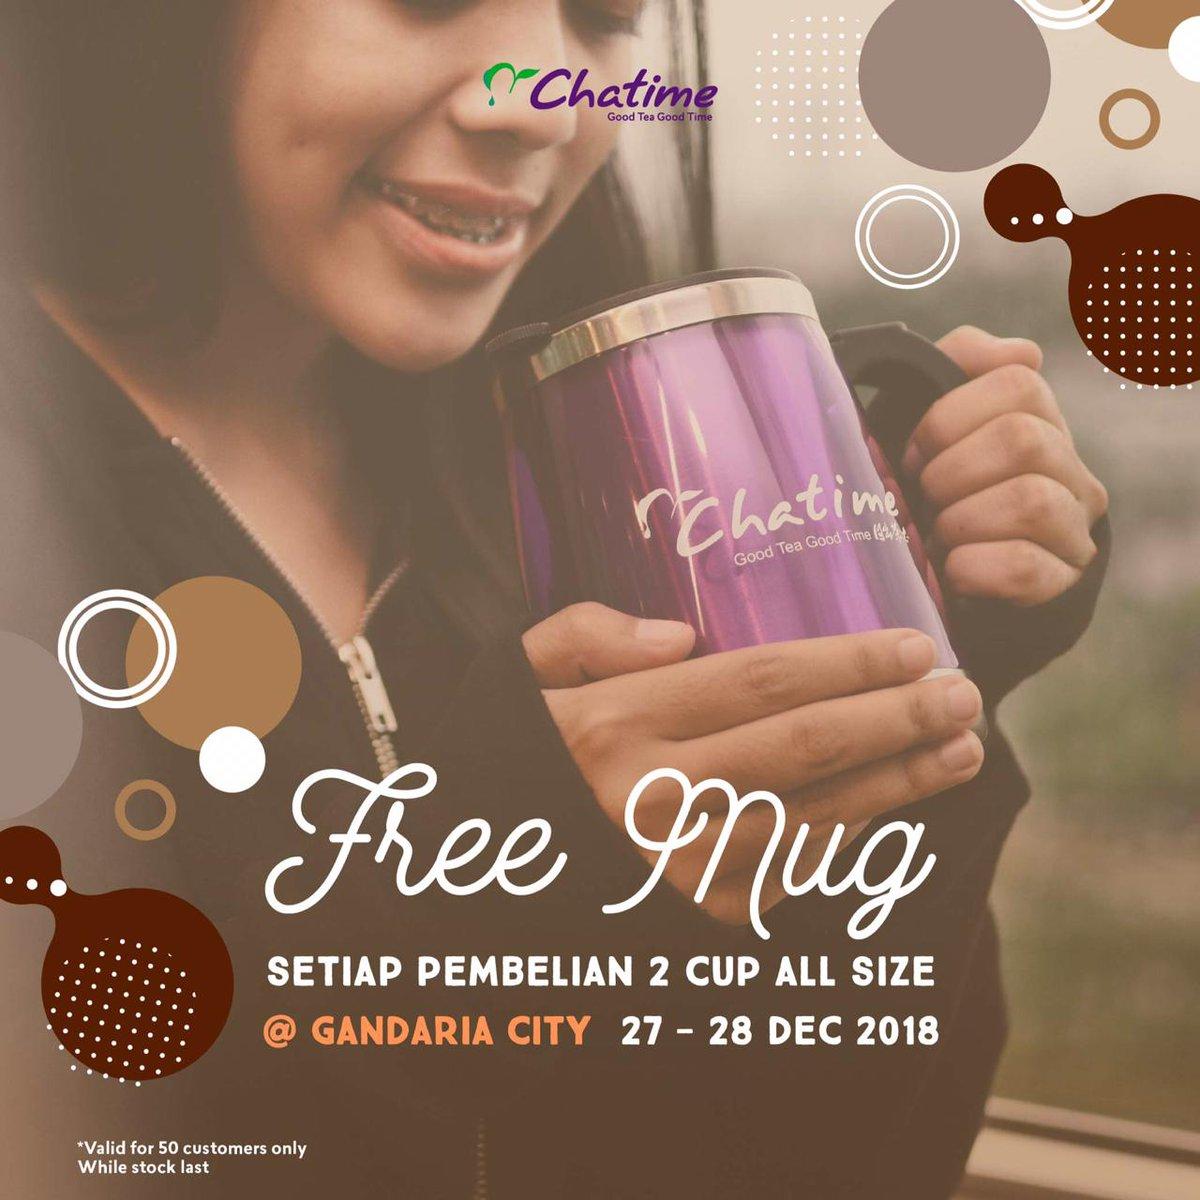 #Chatime - Promo Free Mug Setiap Beli 2 Cup All Size di Gandaria City (s.d HARI INI)